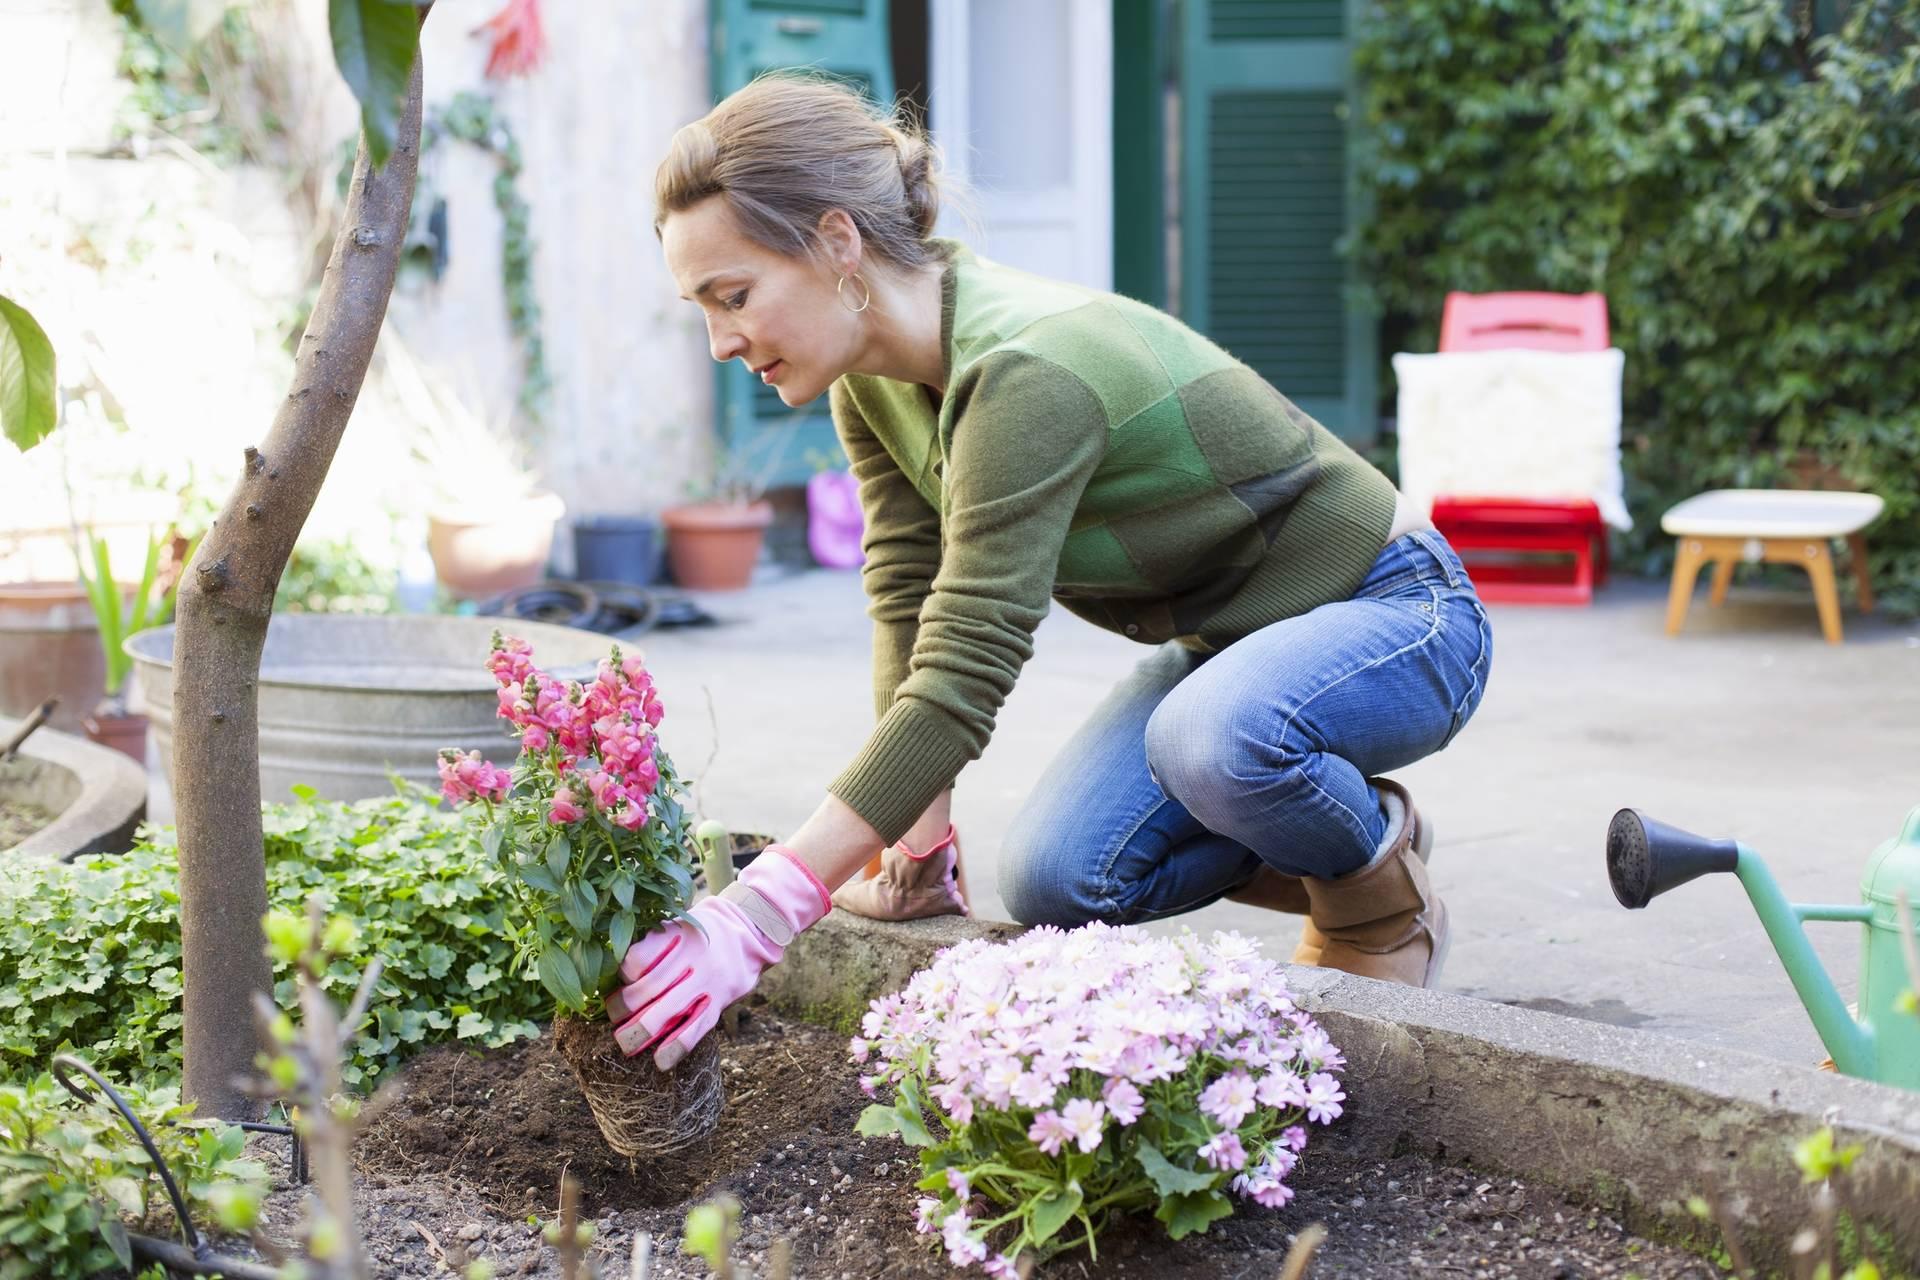 7 Idées D'aménagement Pour Jardin Pas Chères | Envie De Plus concernant Separation Jardin Pas Cher